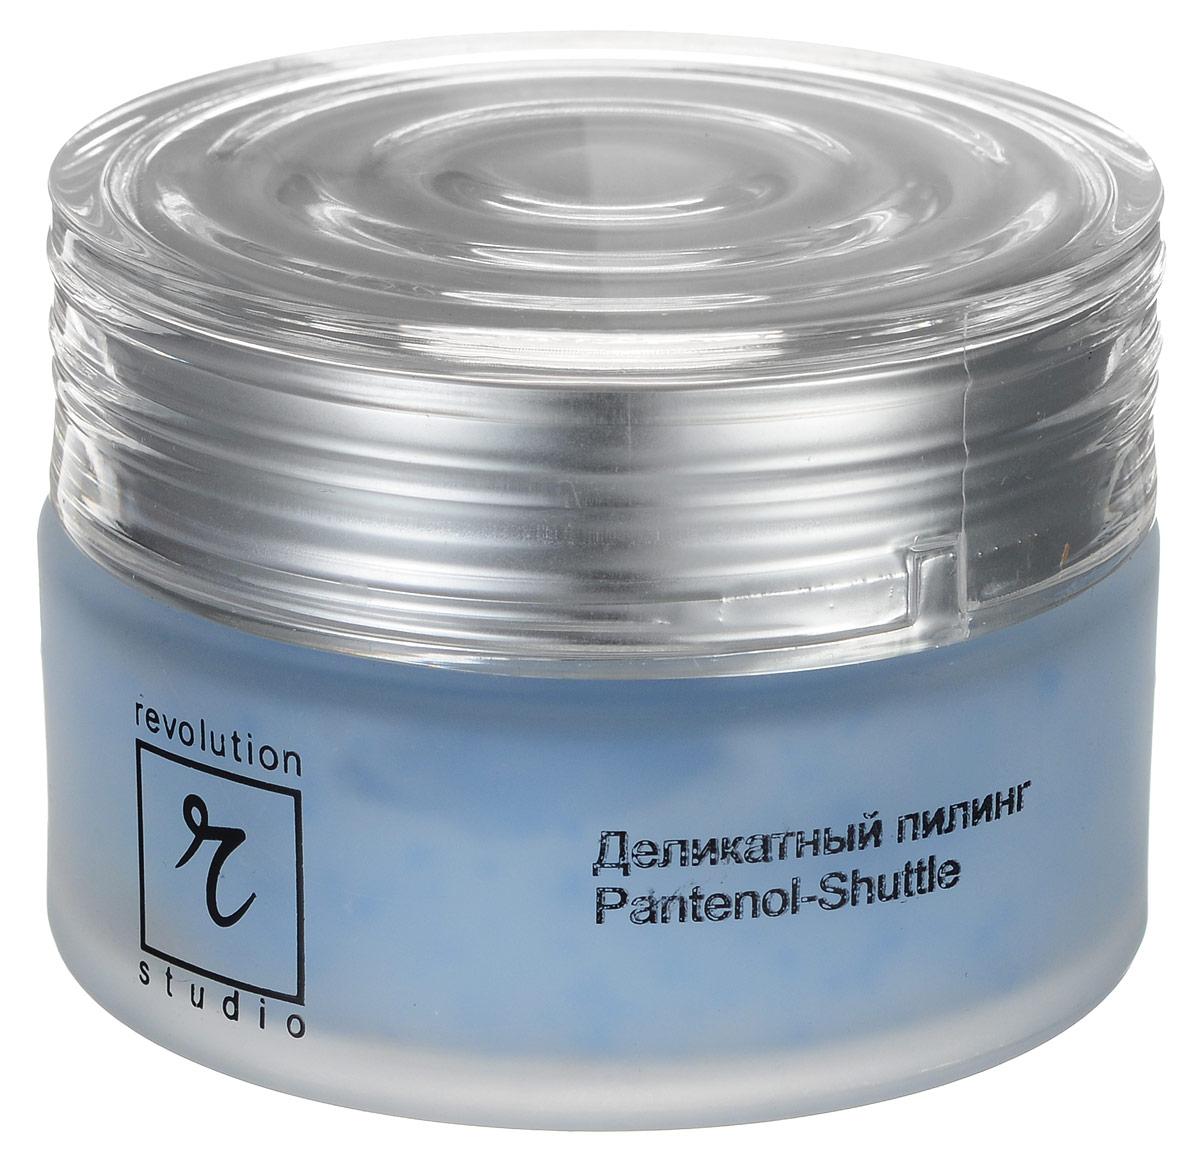 R-Studio Пилинг для нормальной и сухой кожи Pantenol-Shuttle 50 млБ33041Представляет собой микроэмульгированный крем с мелкодисперсным наполнителем, размеры частиц которого точно совпадают с размерами устья пор кожи, что позволяет использовать его не только как отшелушивающий крем, очищающий кожу от отмерших клеток, но и как средство, активно открывающее устье пор для облегчения салоотделения, профилактики угрей или подготовки к распариванию и глубокой чистке лица. Растительные антибиотики, специально введенные в состав, проникают во время пилинга глубоко в поры и дезинфицируют глубокие слои кожи.